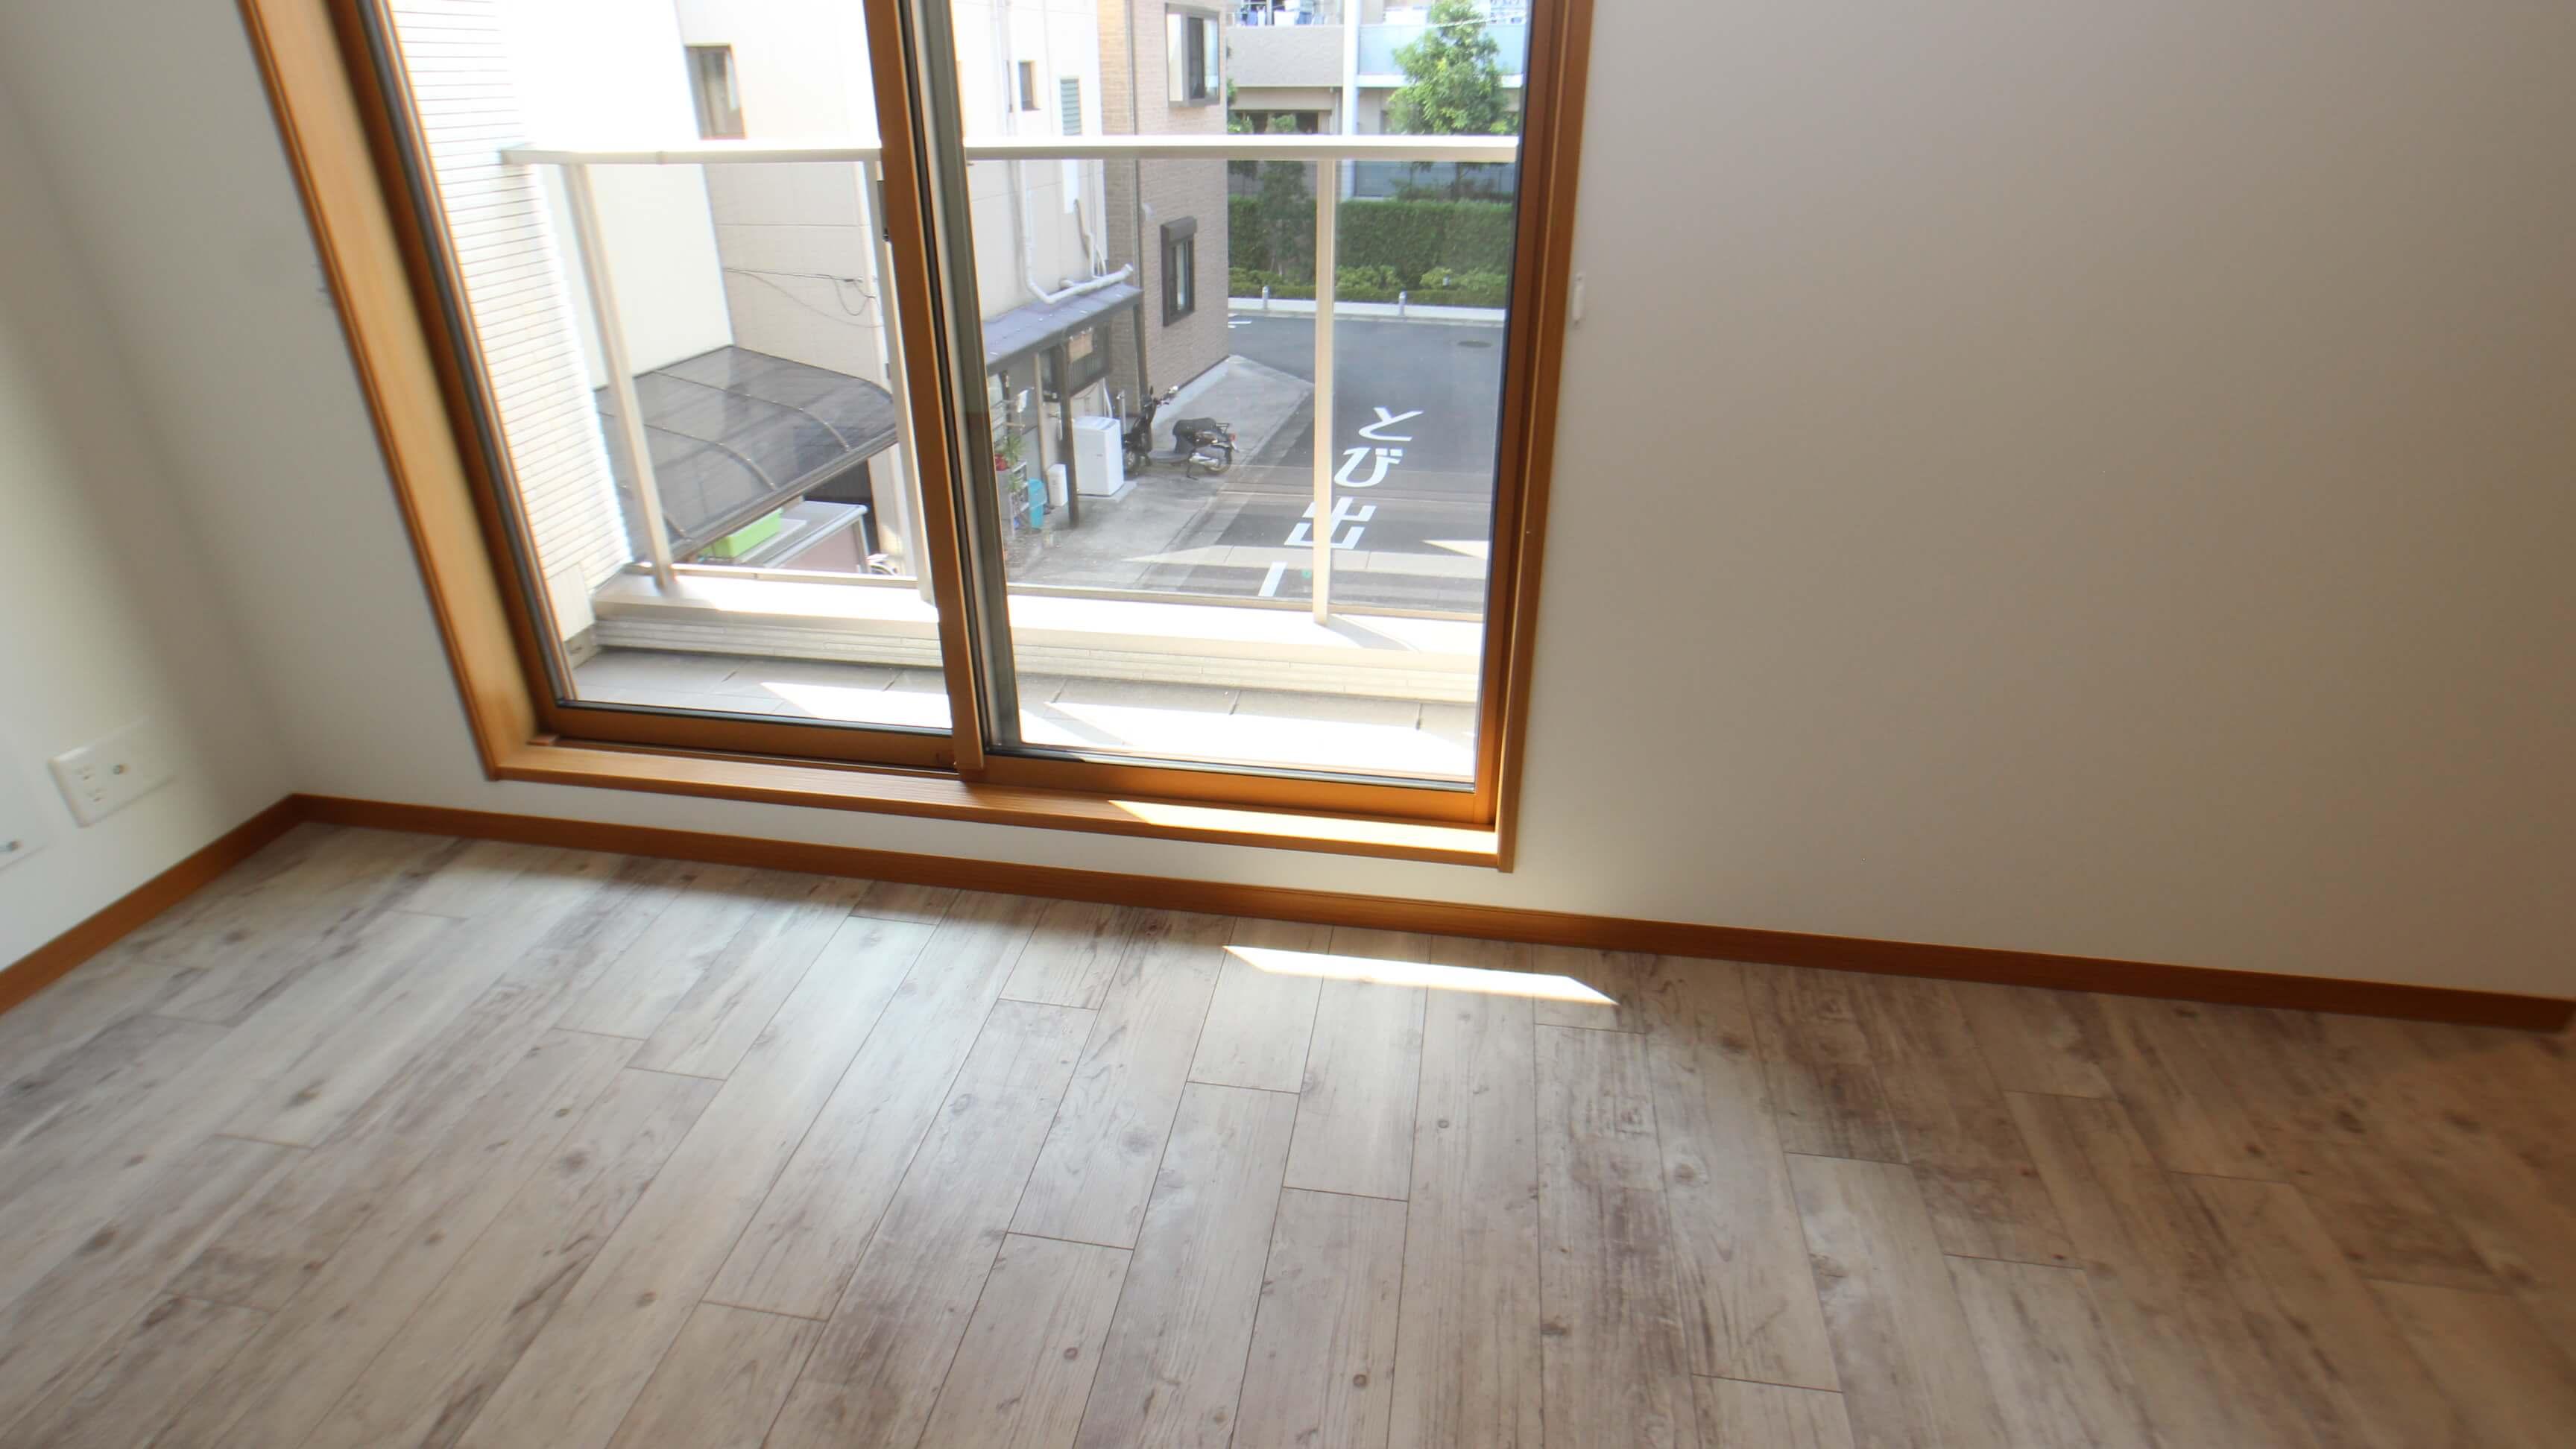 204号室からの眺望。猫さんが窓の下を覗き込みやすい、透明の素材が採用されています。